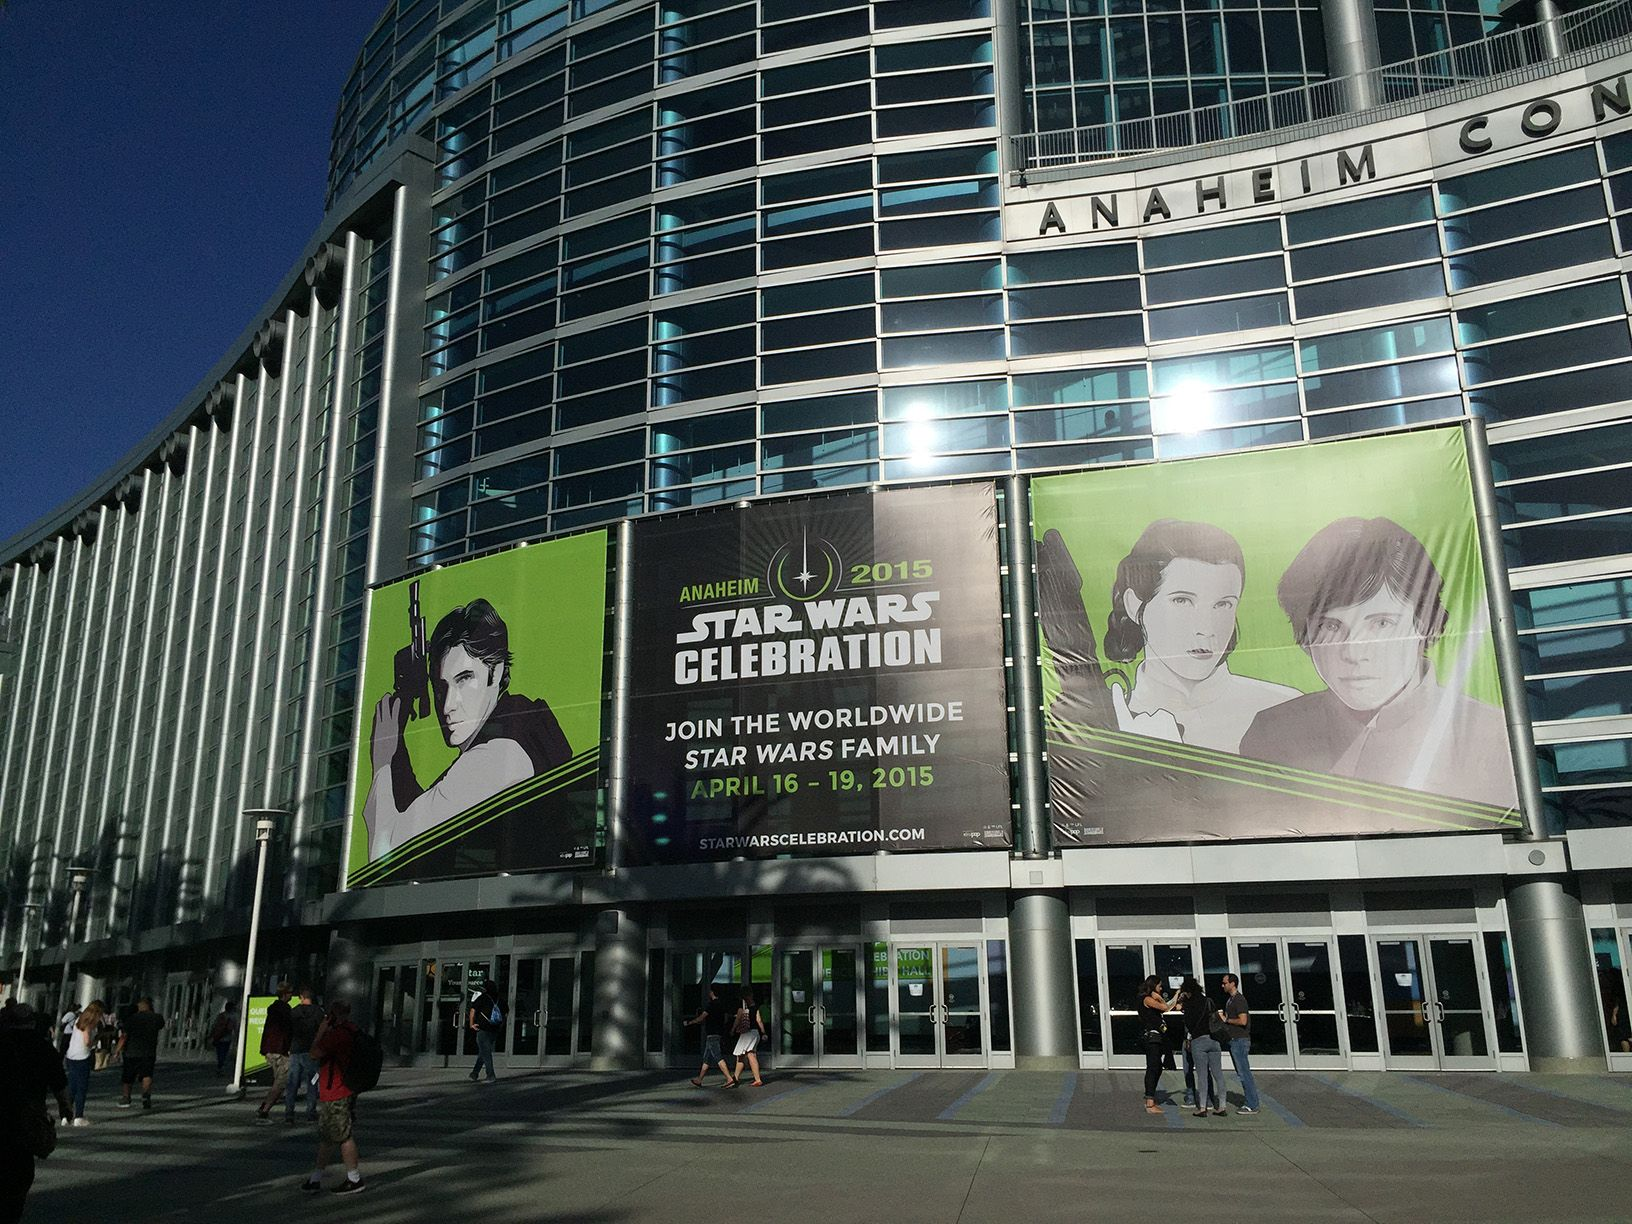 Star Wars Celebration ad Anaheim